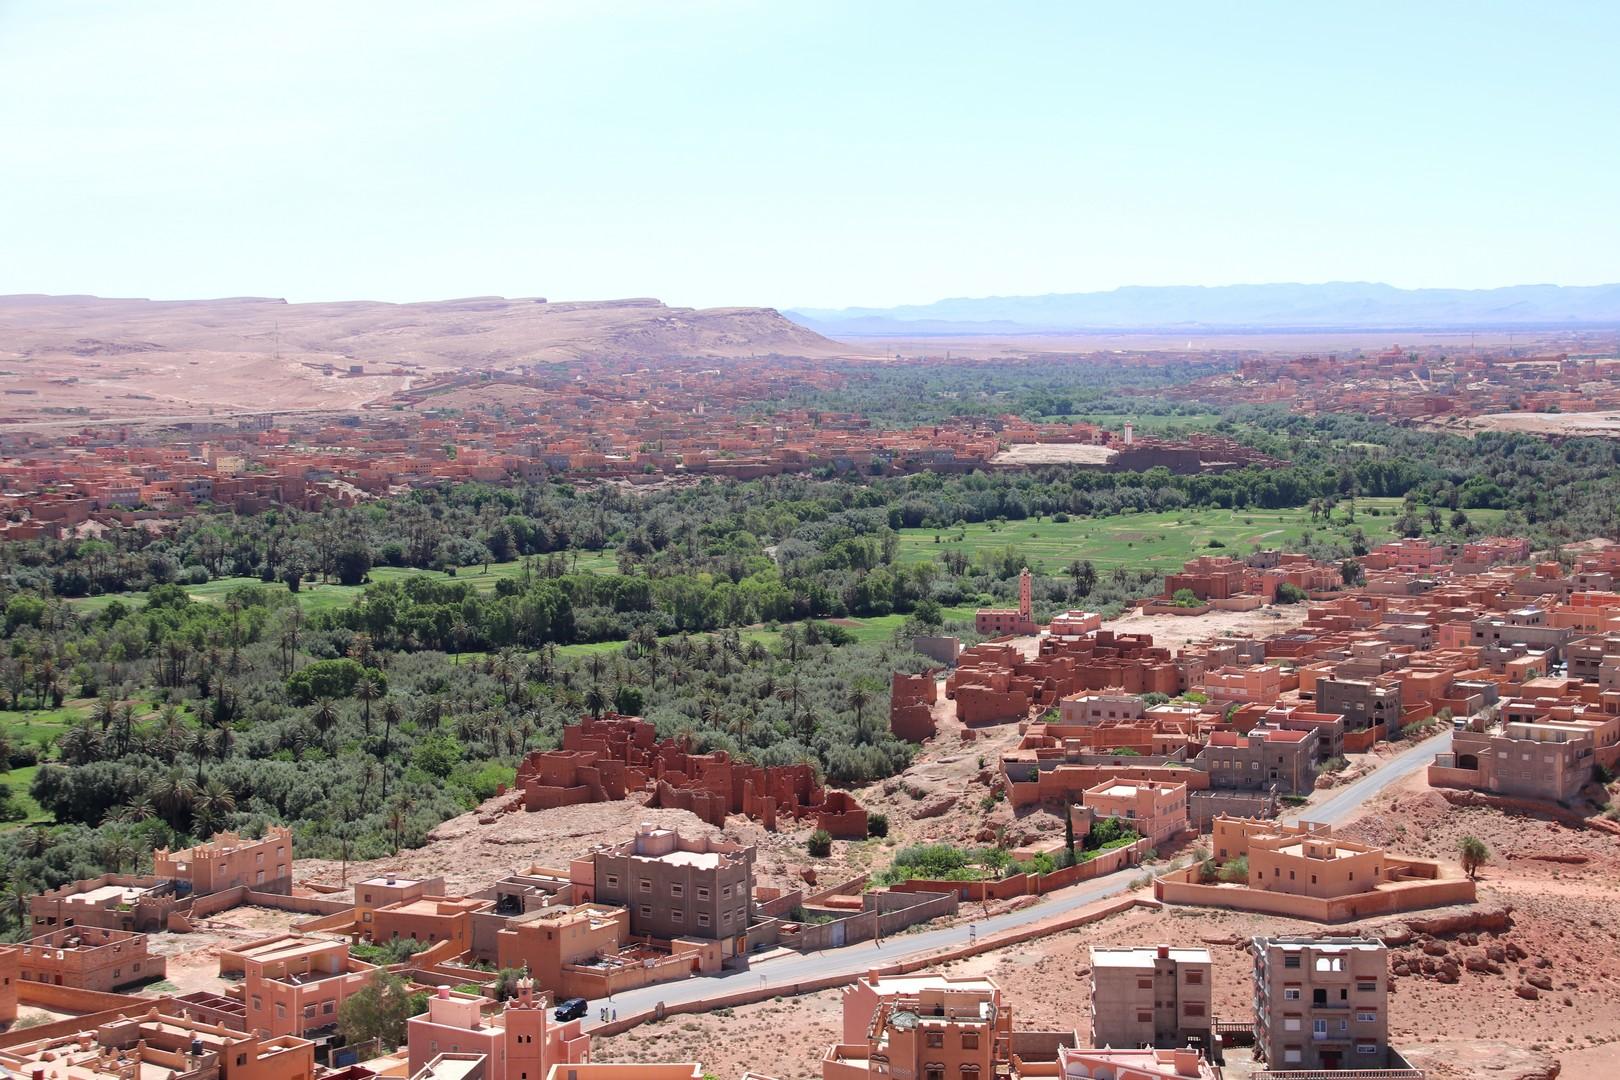 Maroc - Palmeraie de Tineghir